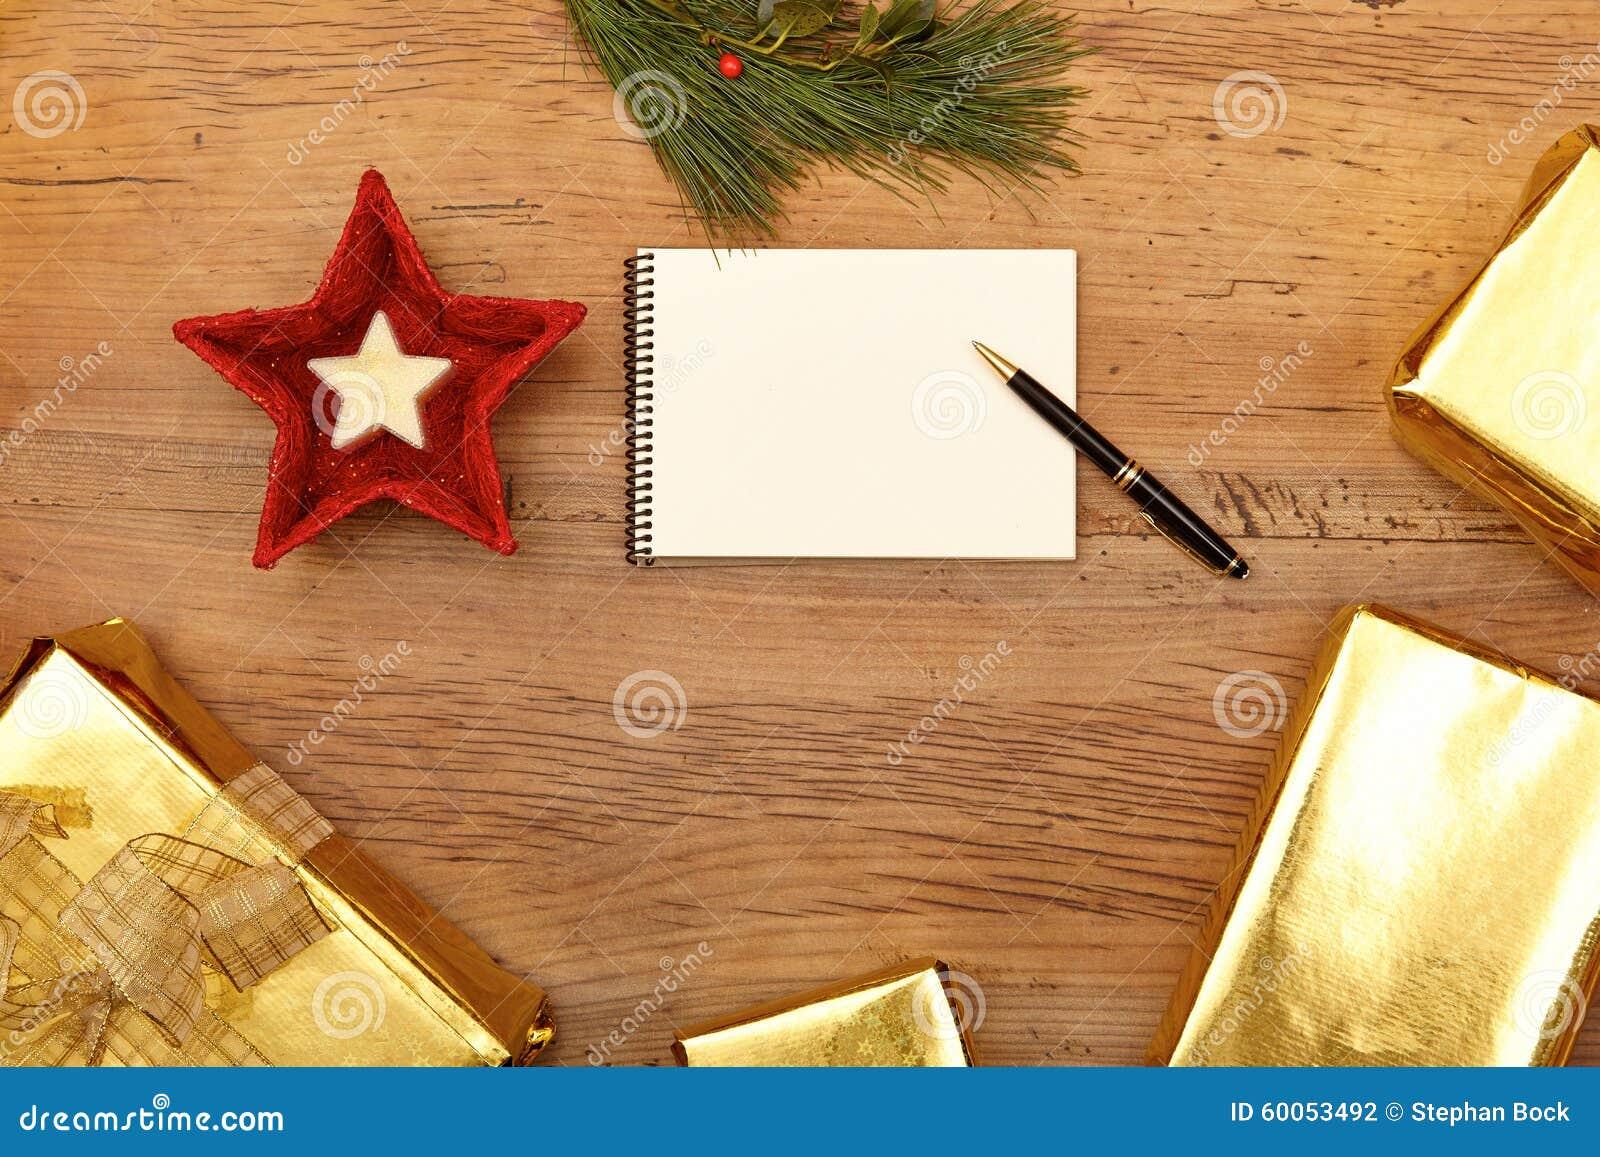 Weihnachtsgeschenke, Notizblock Und Tannenzweig Auf Holz Stockfoto ...